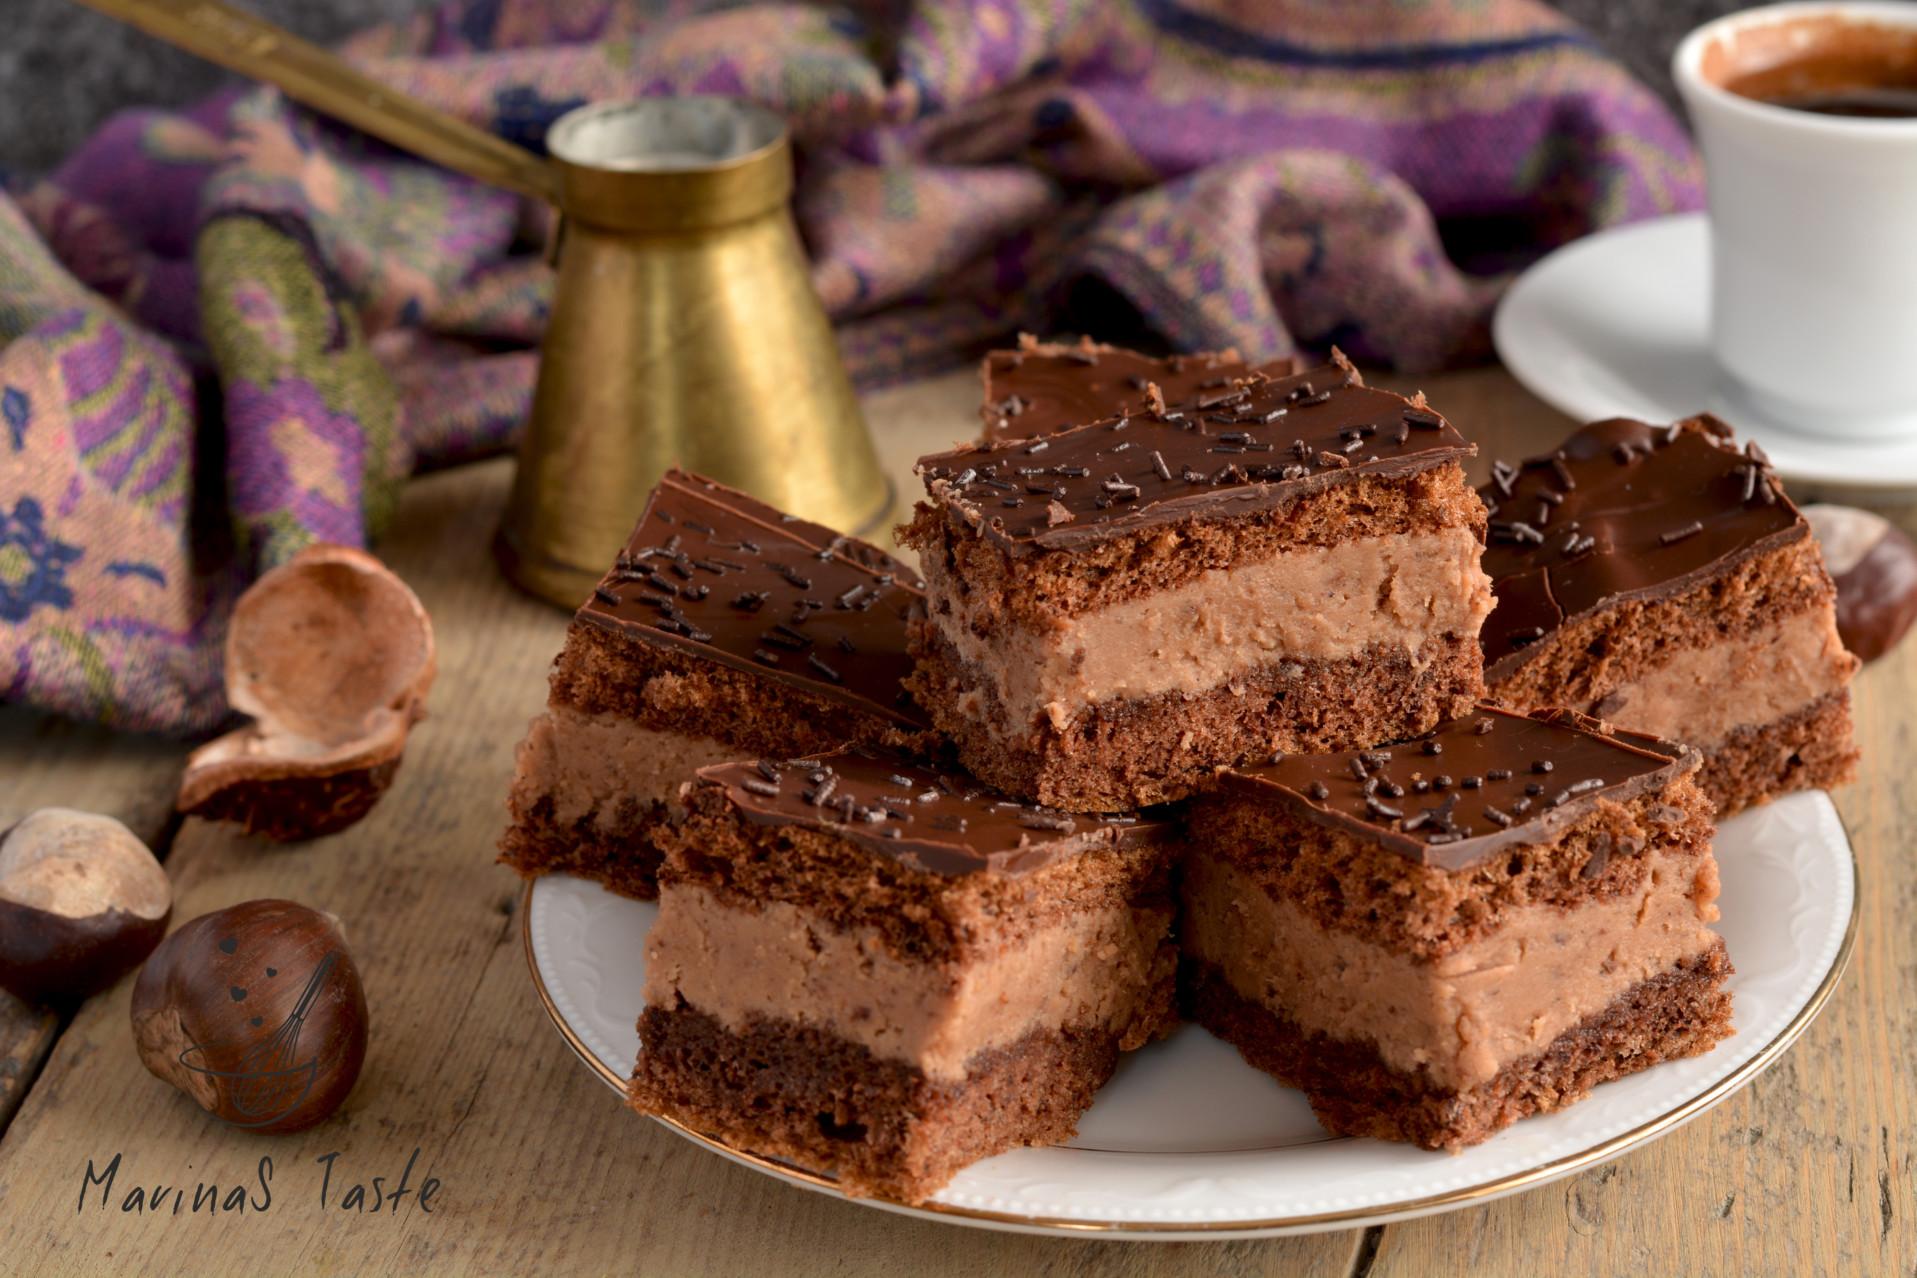 Cokoladni-kolac-sa-kestenom-1